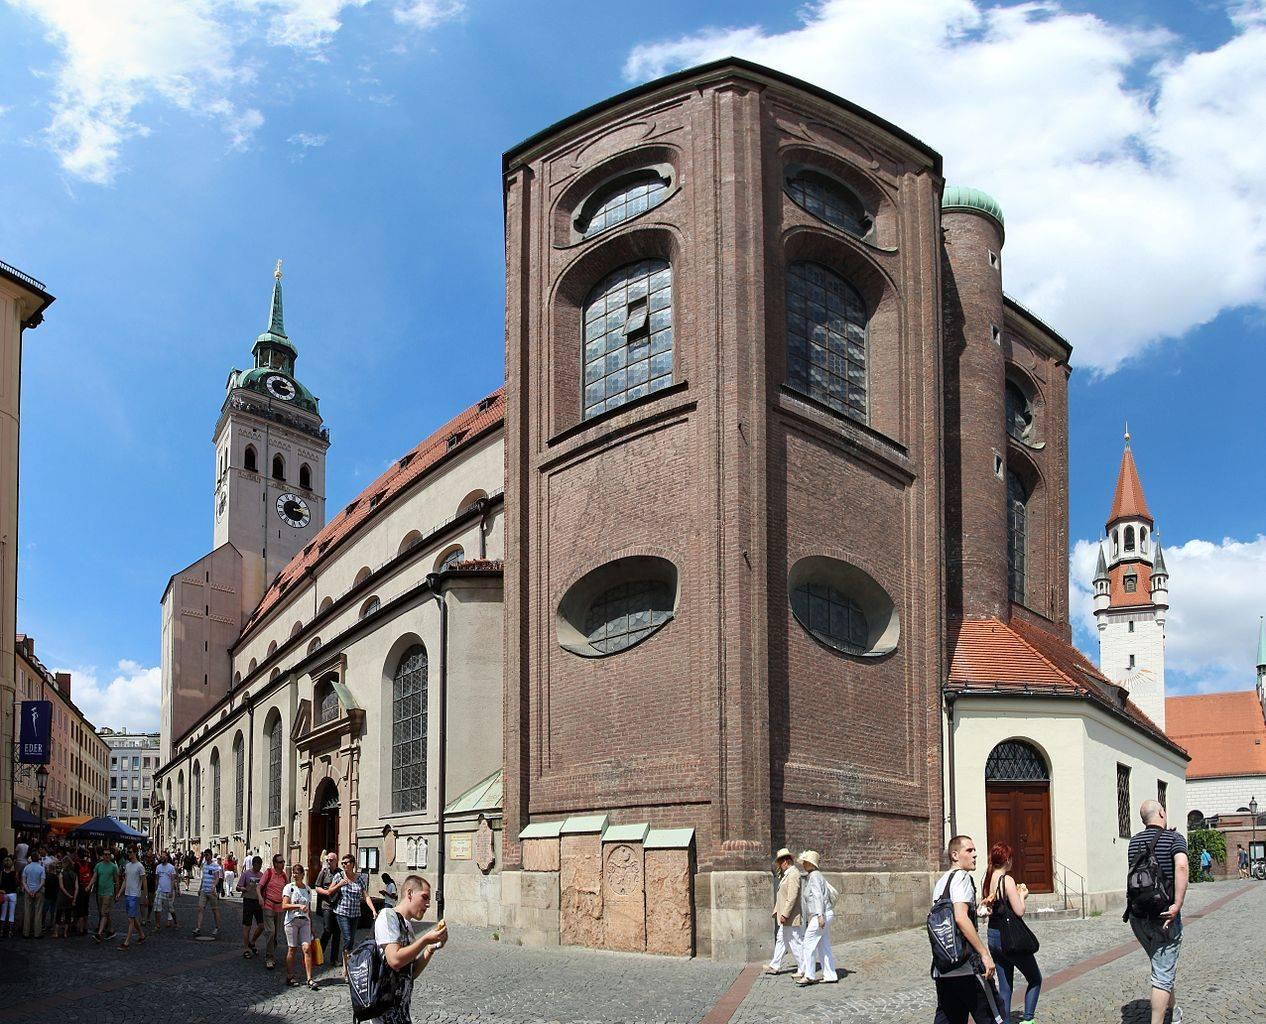 Достопримечательности мюнхена: экскурсия по историческому центру